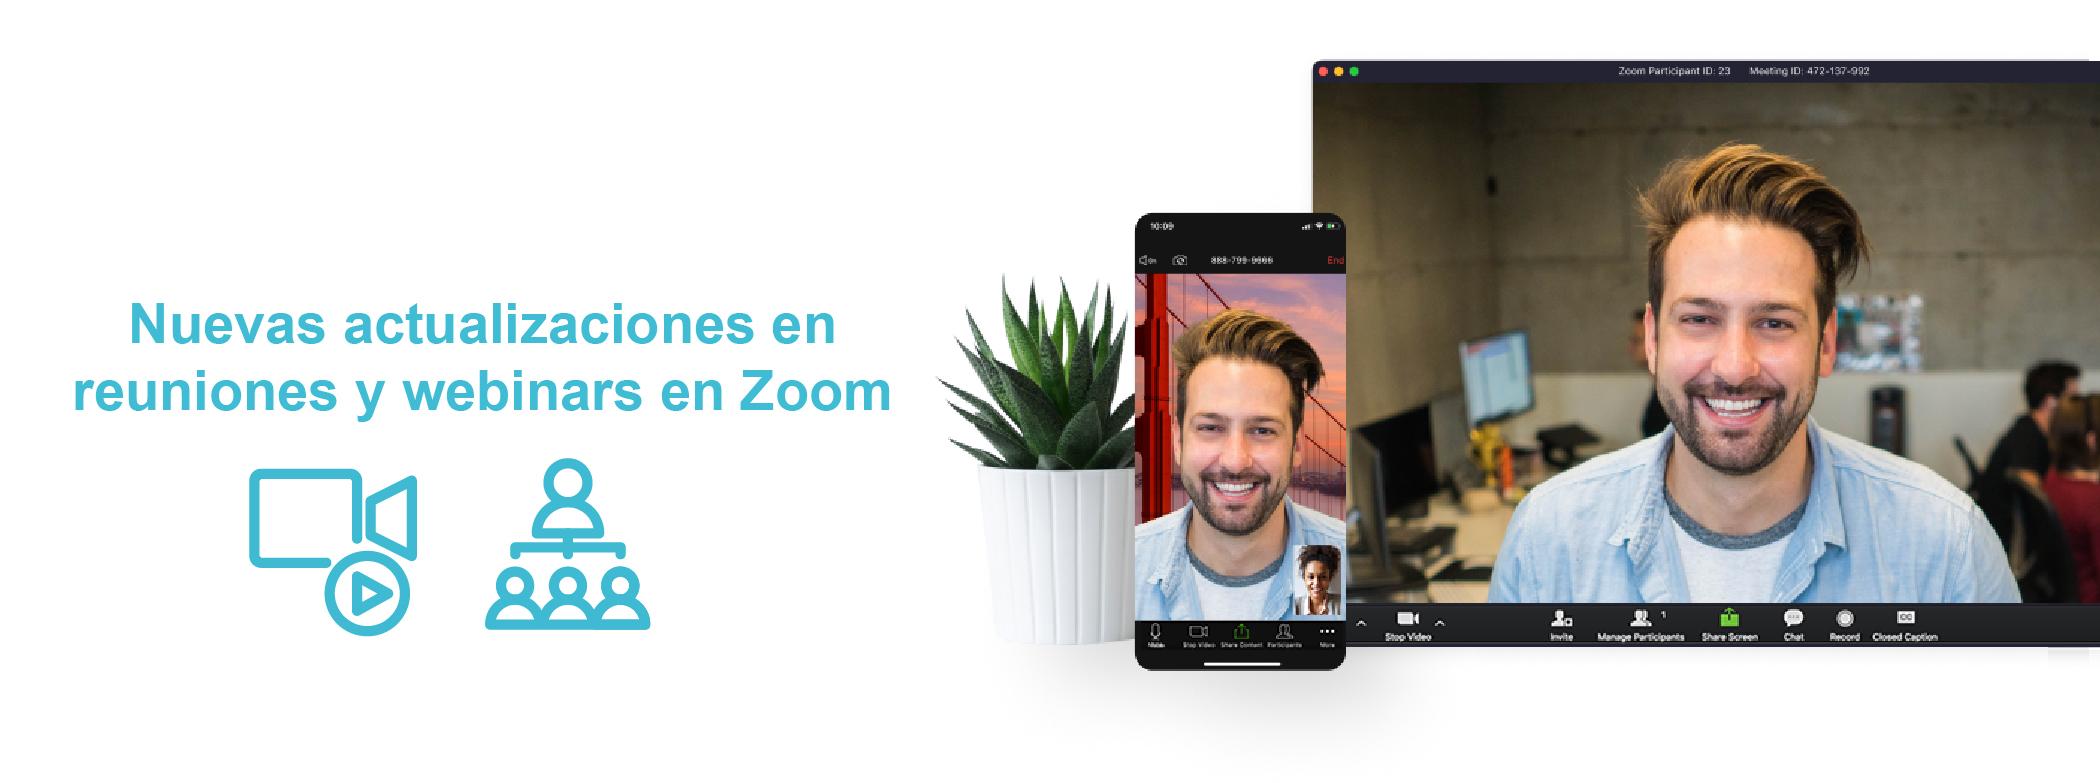 Nuevas actualizaciones en reuniones y webinars en Zoom